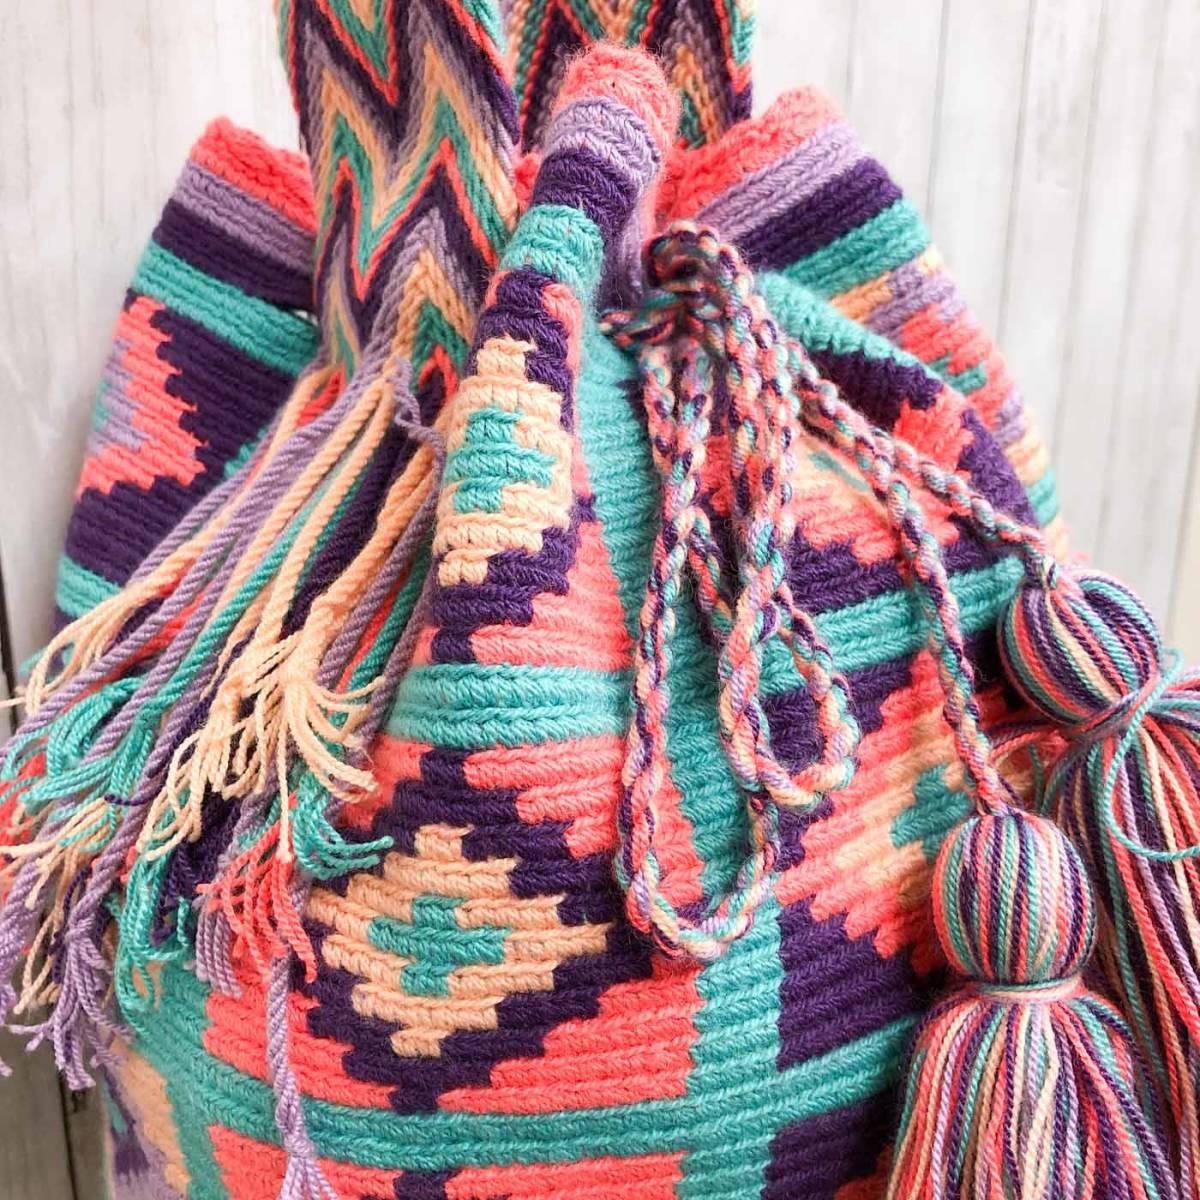 ワユーバッグ wayuu bag マザーズバッグ ショルダーバッグ レディース かごバッグ きれいめ ハンドメイド 手織り 南米 コロンビア 3_画像3